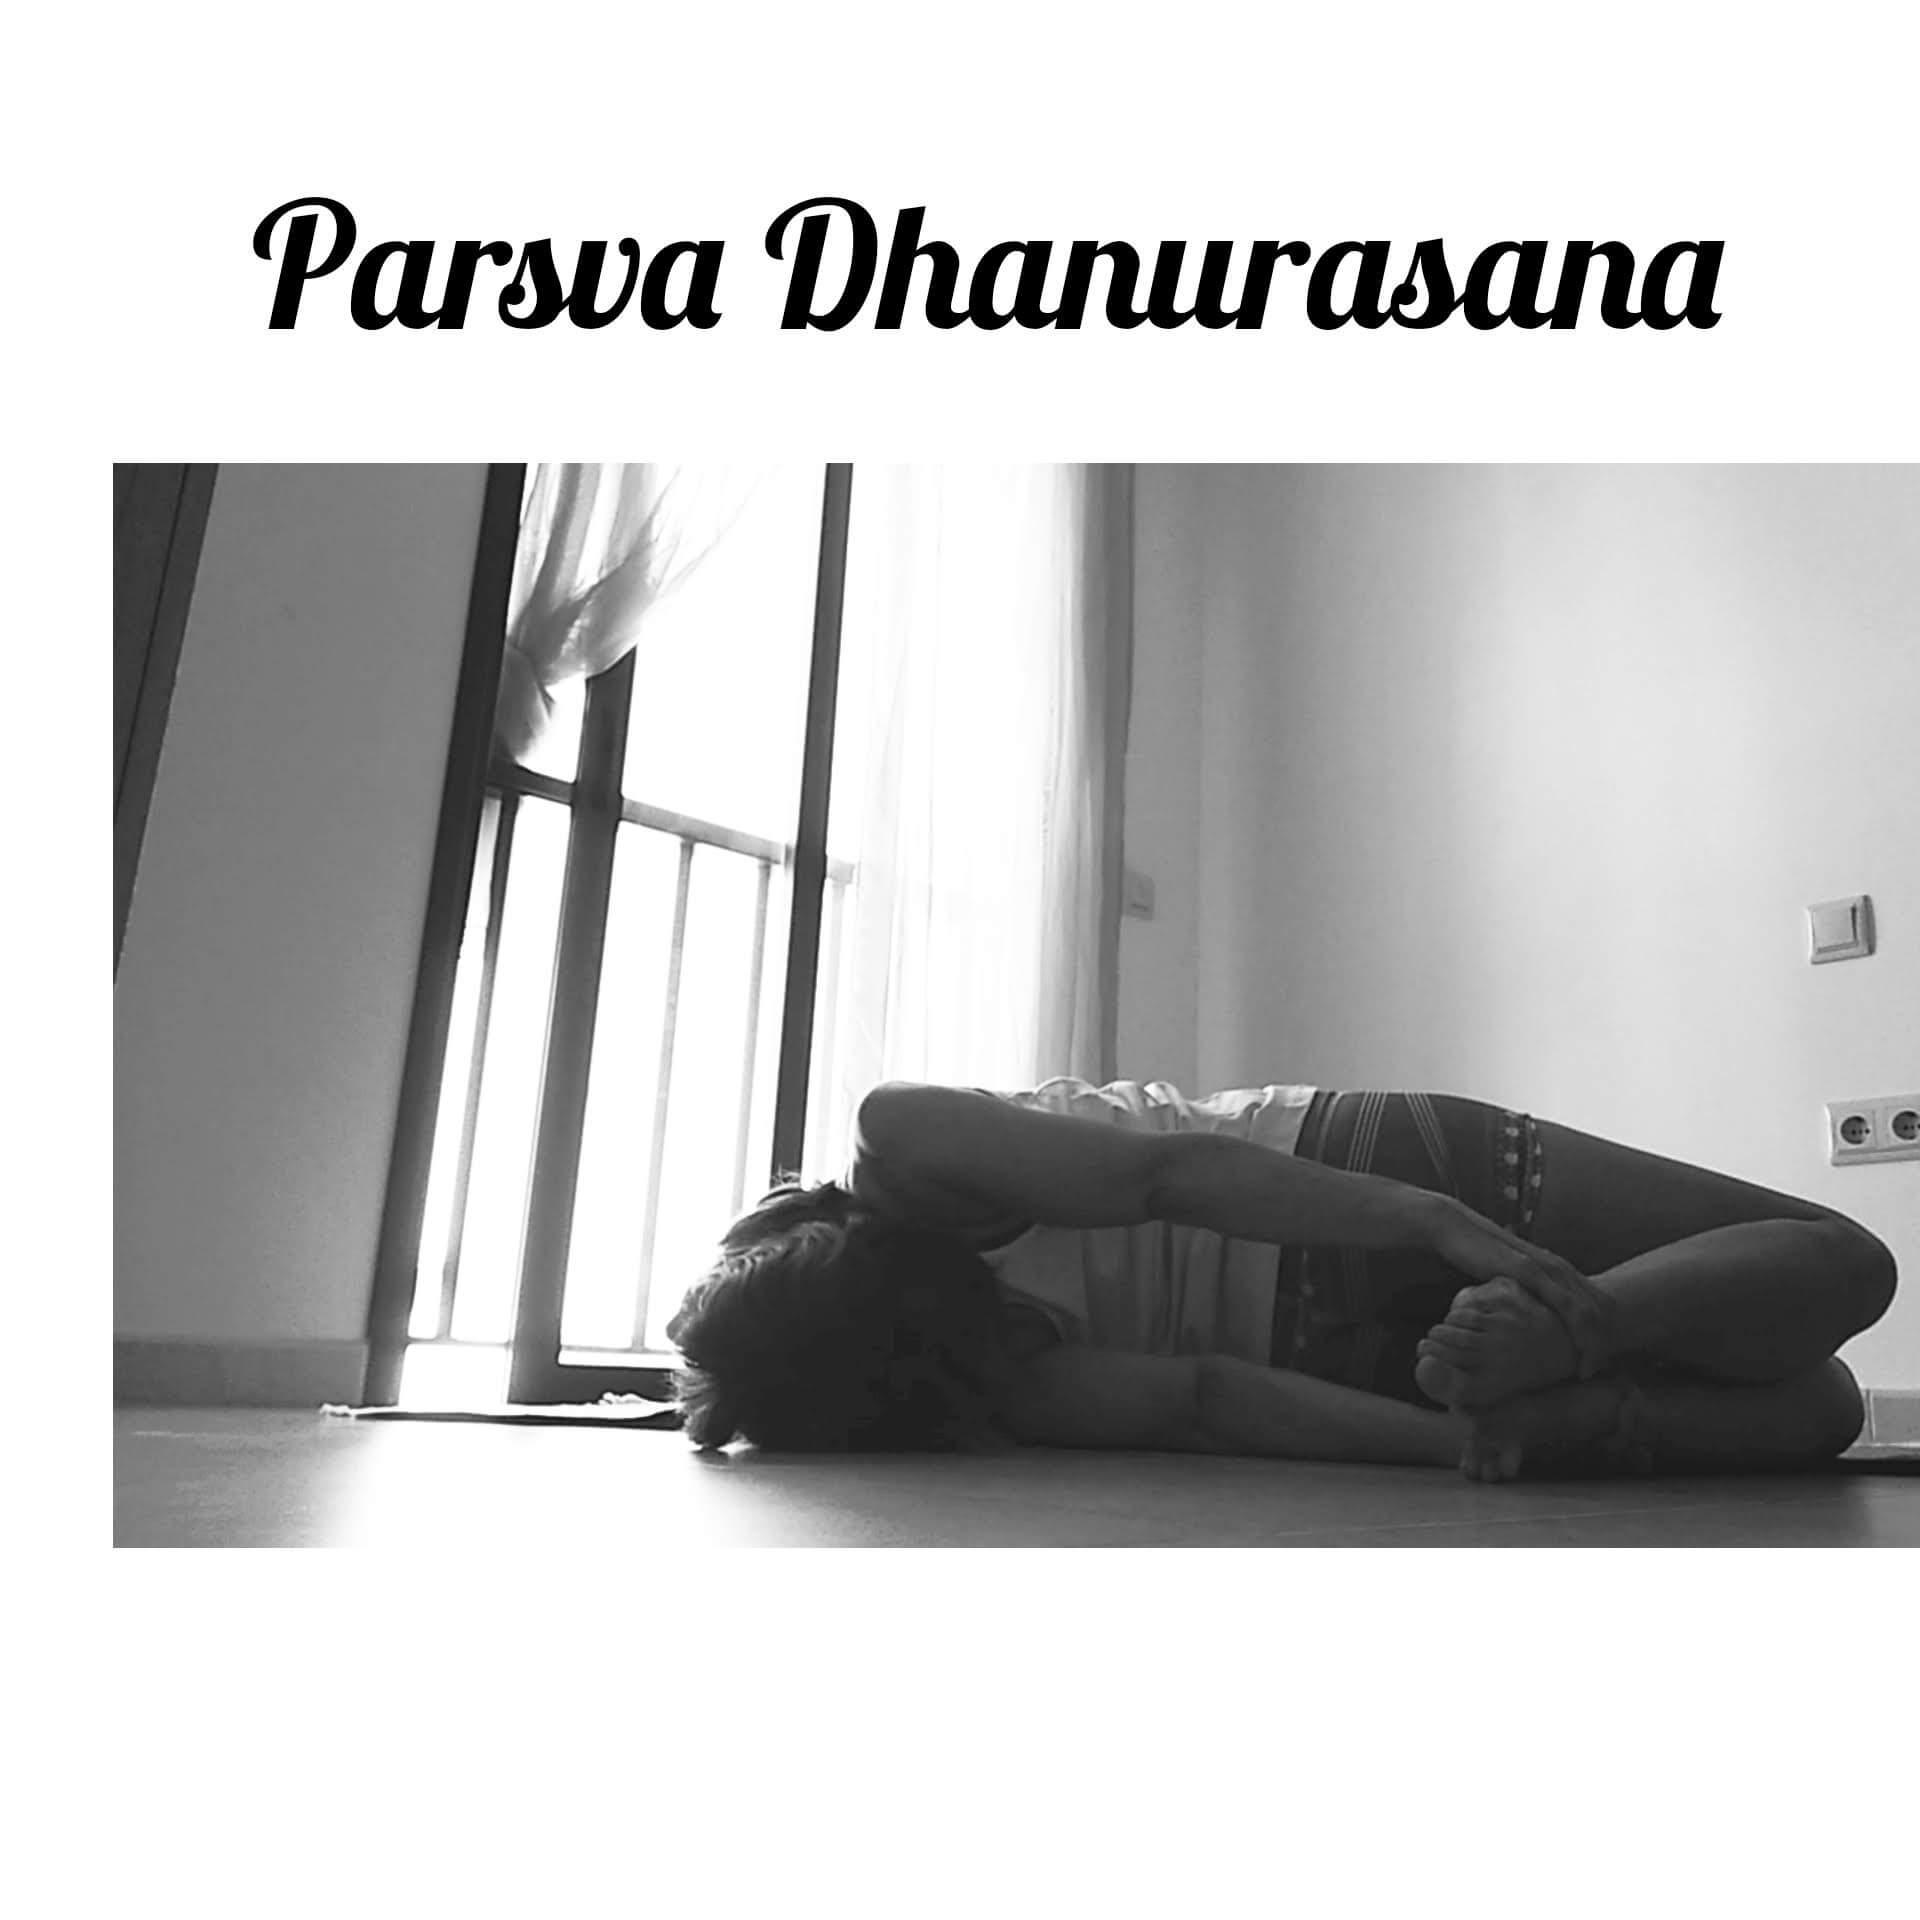 Parsva Dhanurasana.